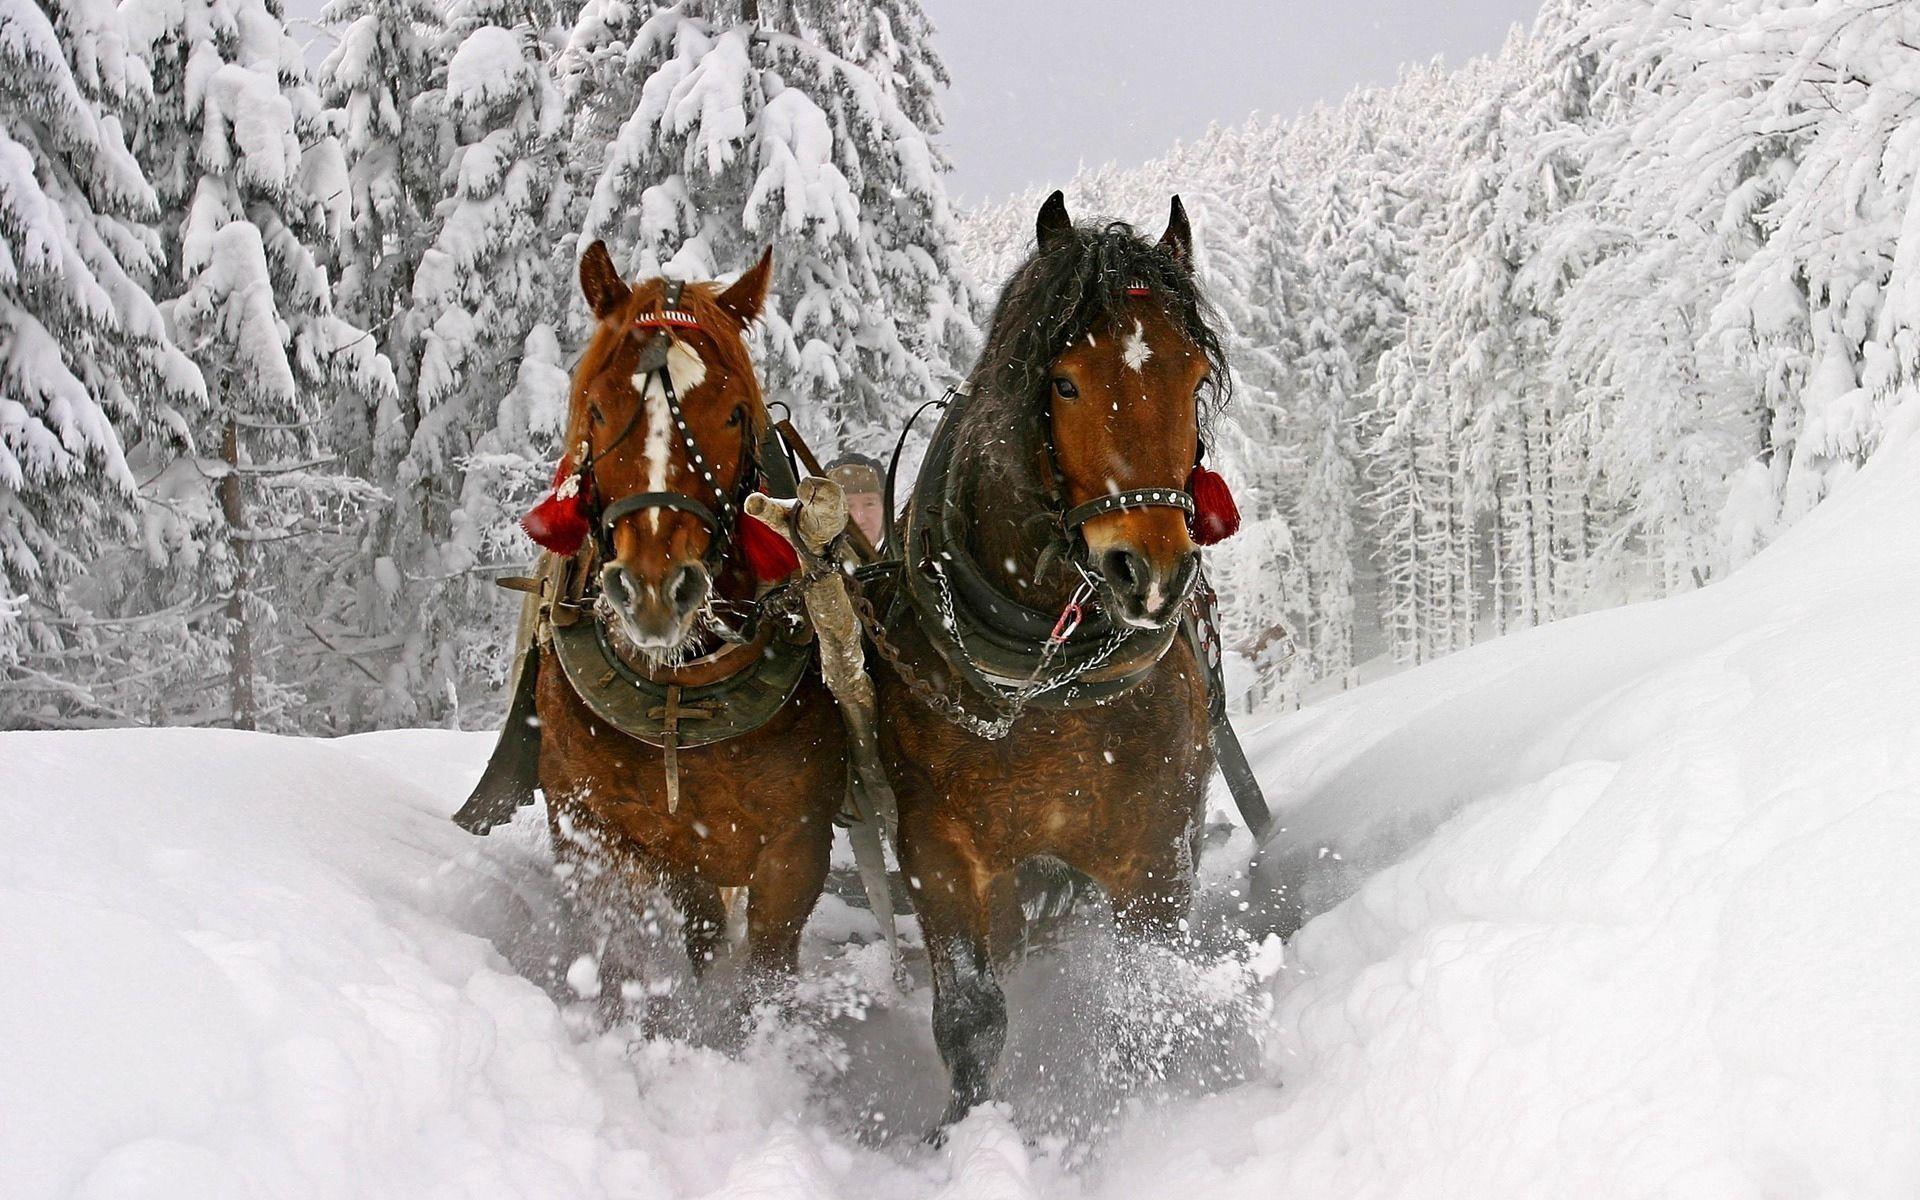 149107 descargar fondo de pantalla Animales, Caballo, Nieve, Trineo, Equipo, Equitación, Conducir: protectores de pantalla e imágenes gratis